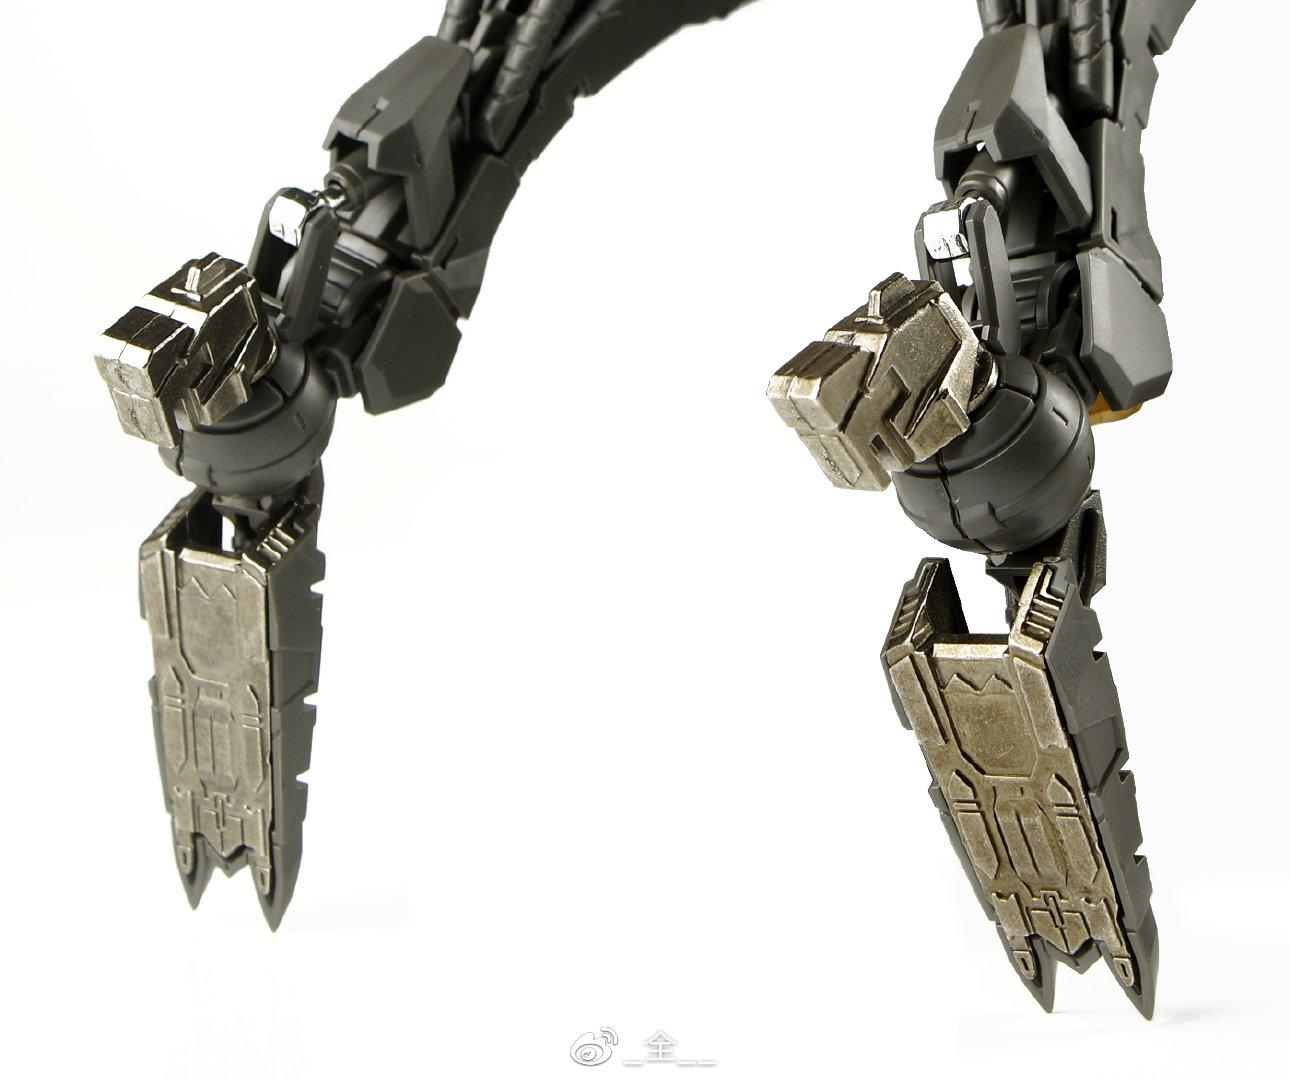 M103_mg_barbatos_metal_frame_parts_set_009_041.jpg